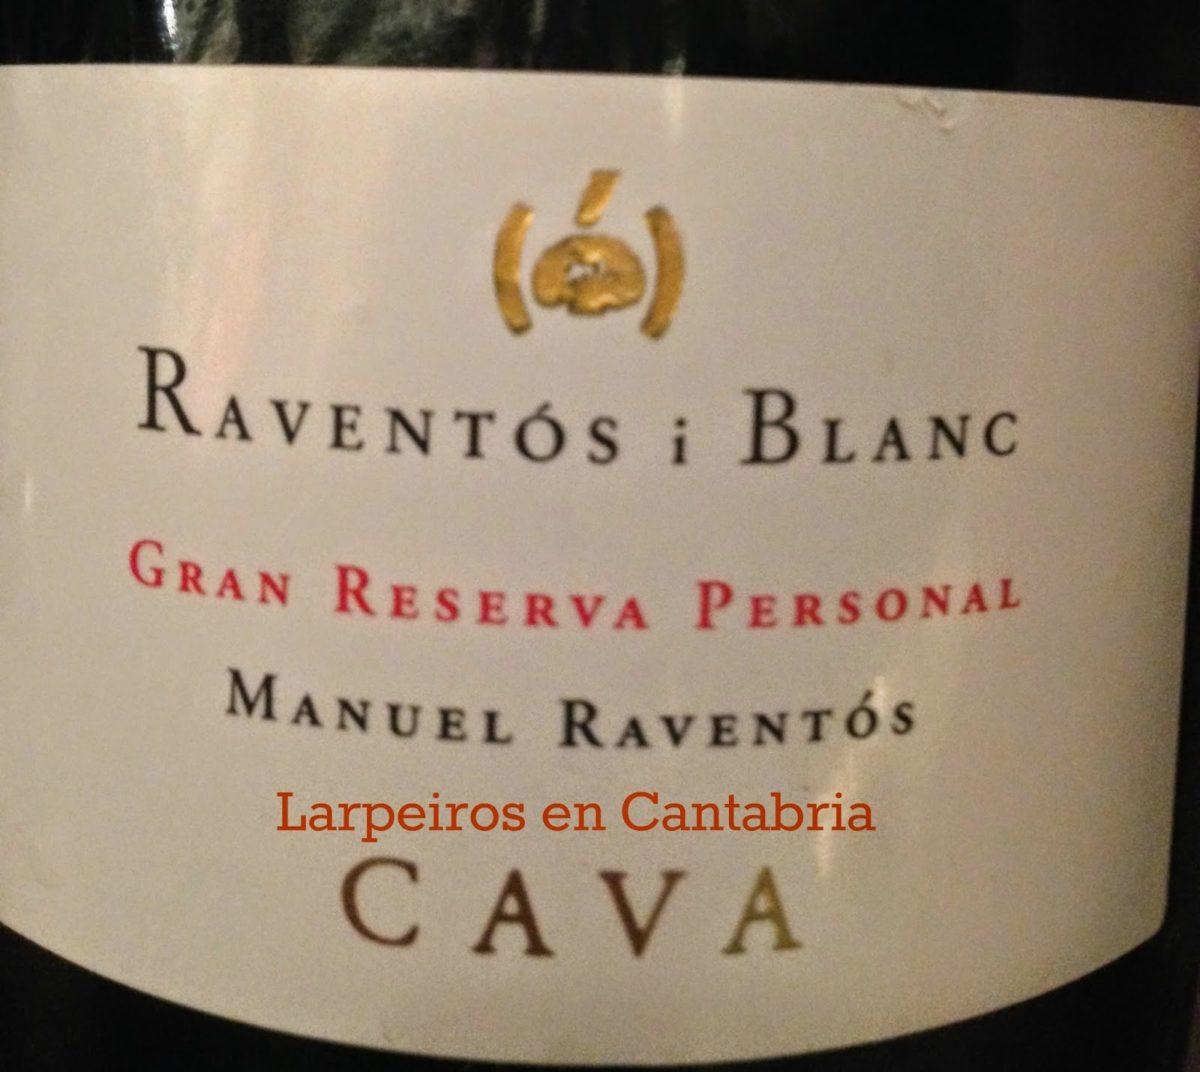 Raventós i Blanc Enoteca 1999 Gran Reserva Personal Manuel Raventós: Esto si que es un vinazo